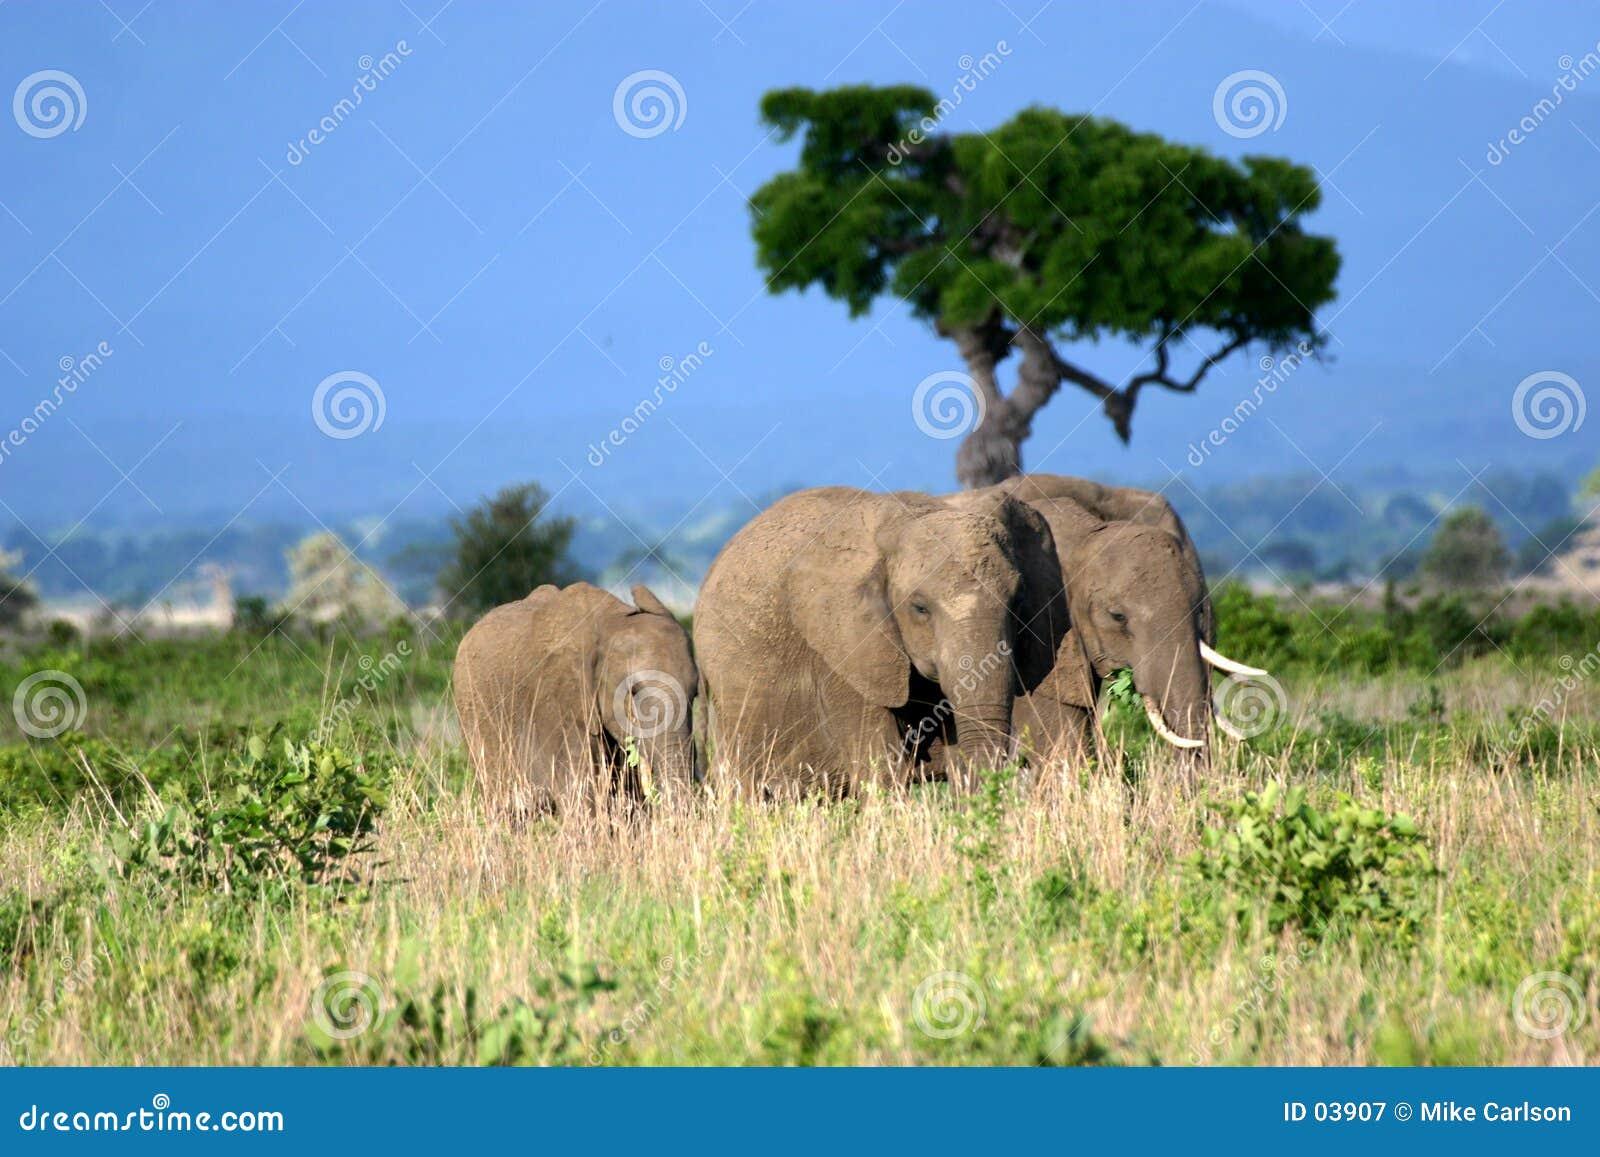 非洲大象系列无格式